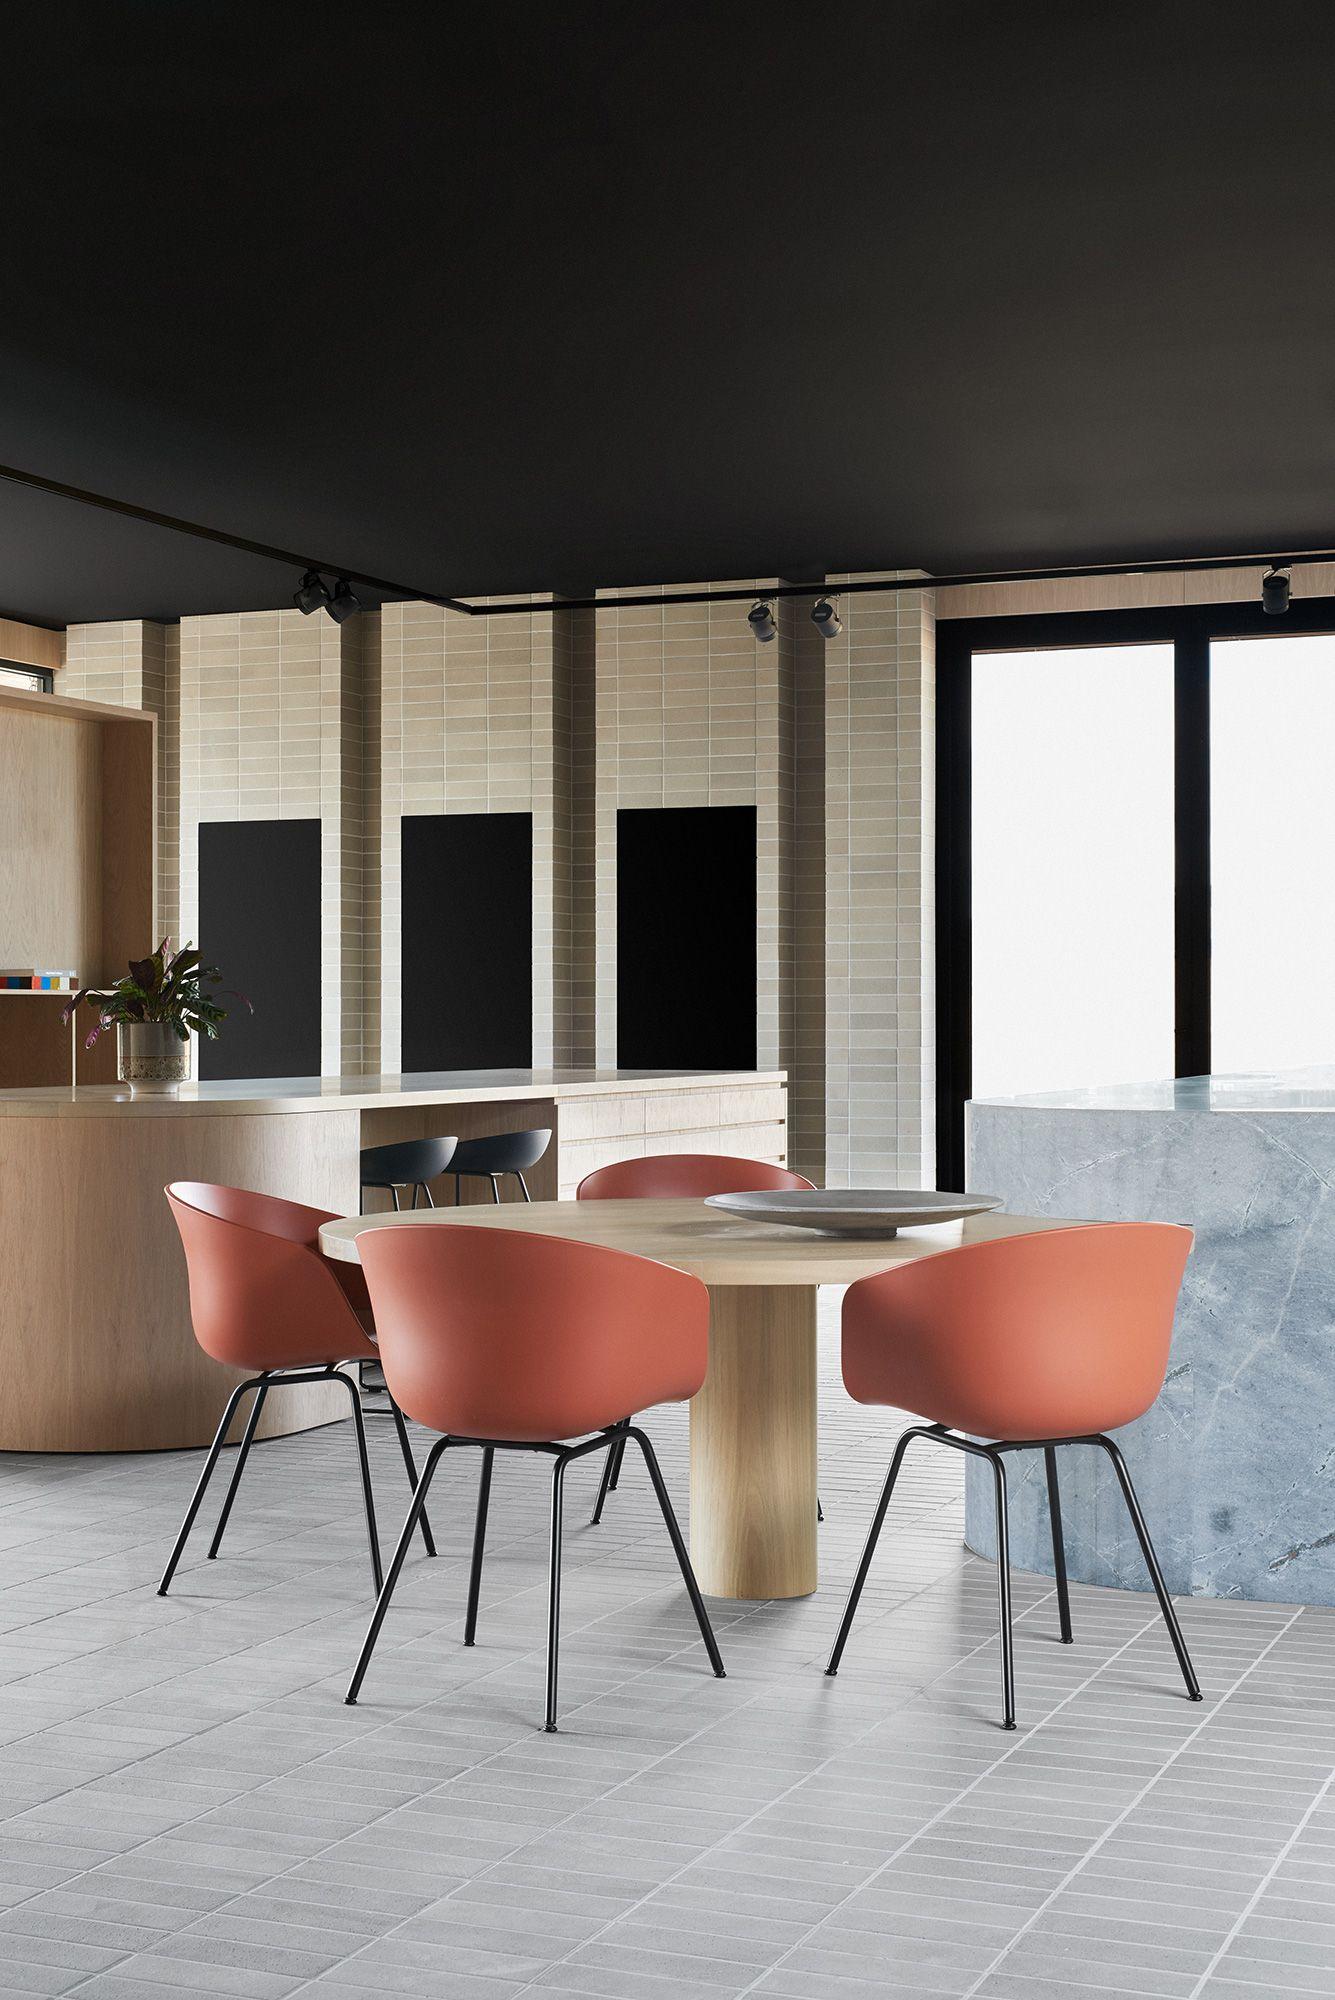 Top Interior Design Companies In Australia - valoblogi com